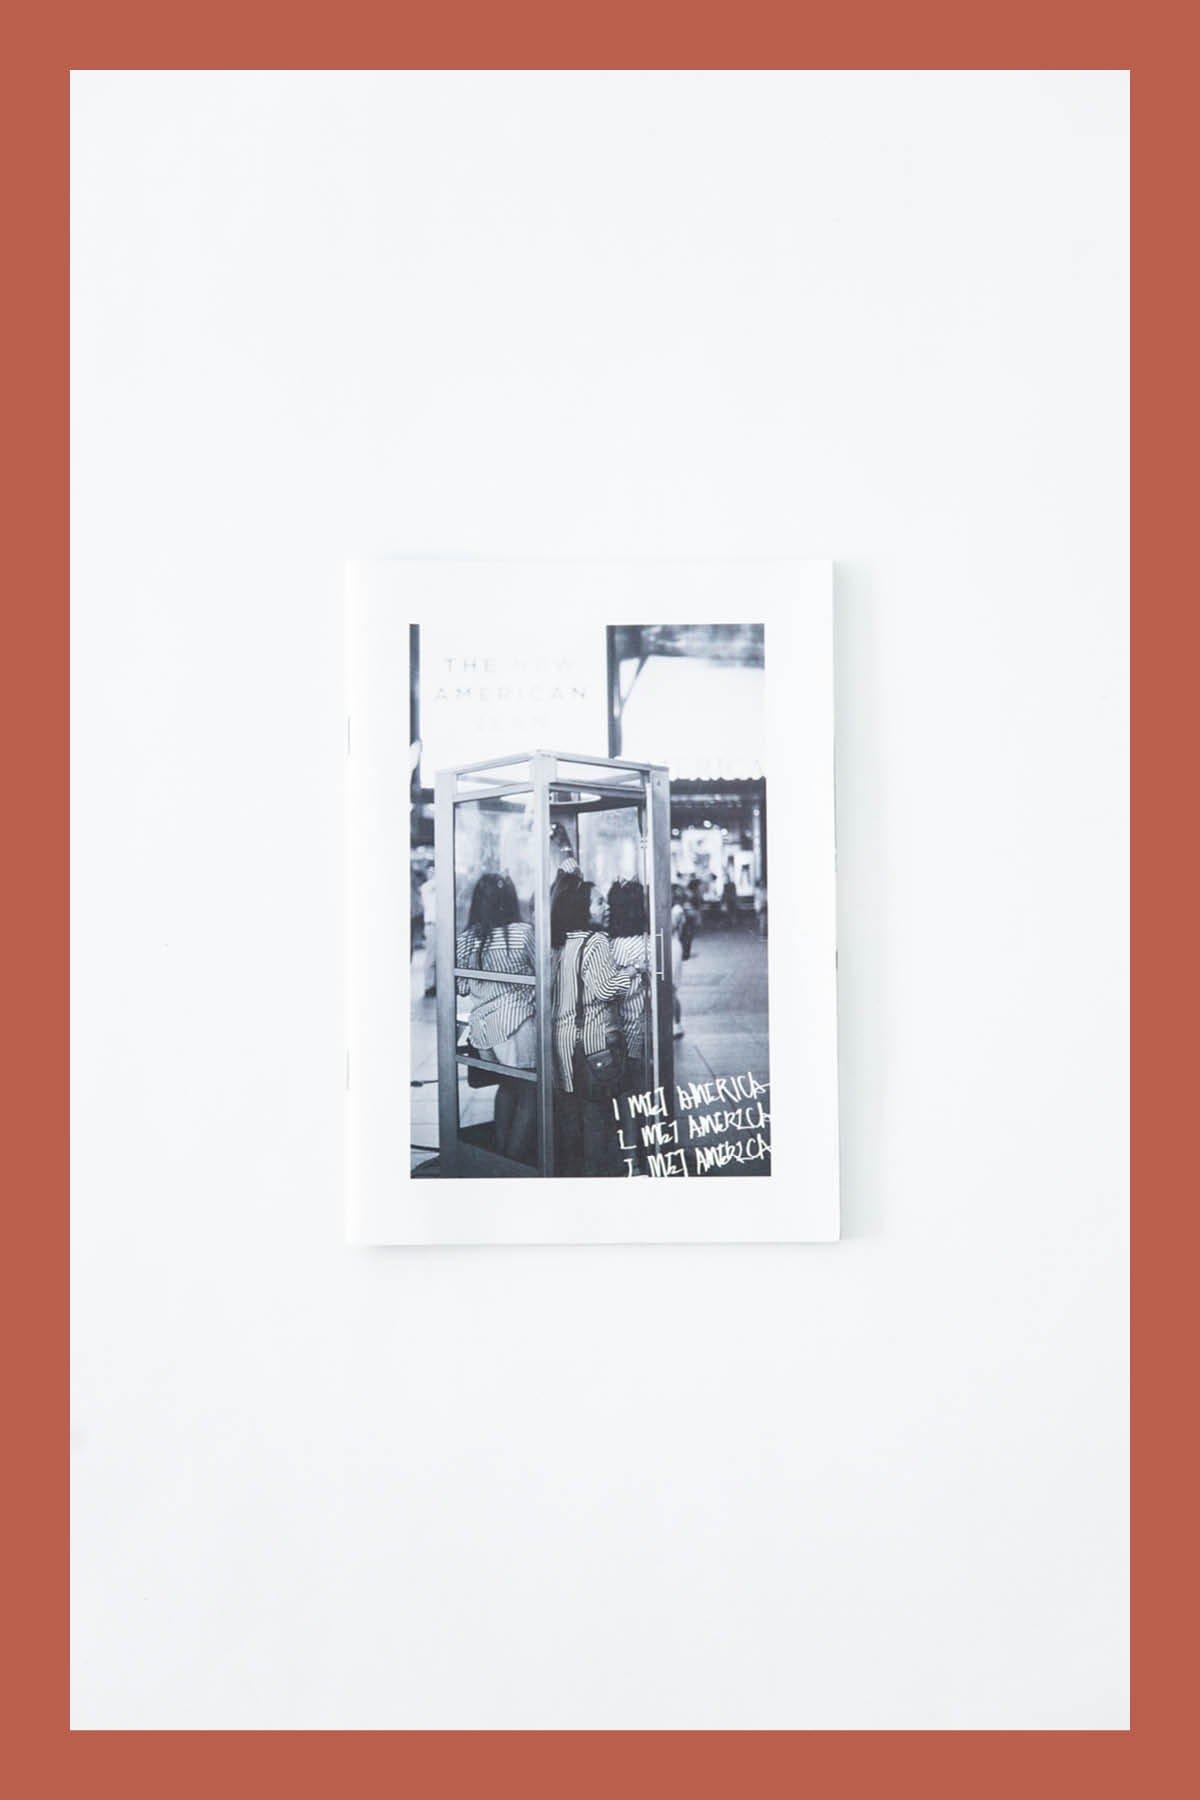 SHINPEI HANAWA / I MET AMERICA